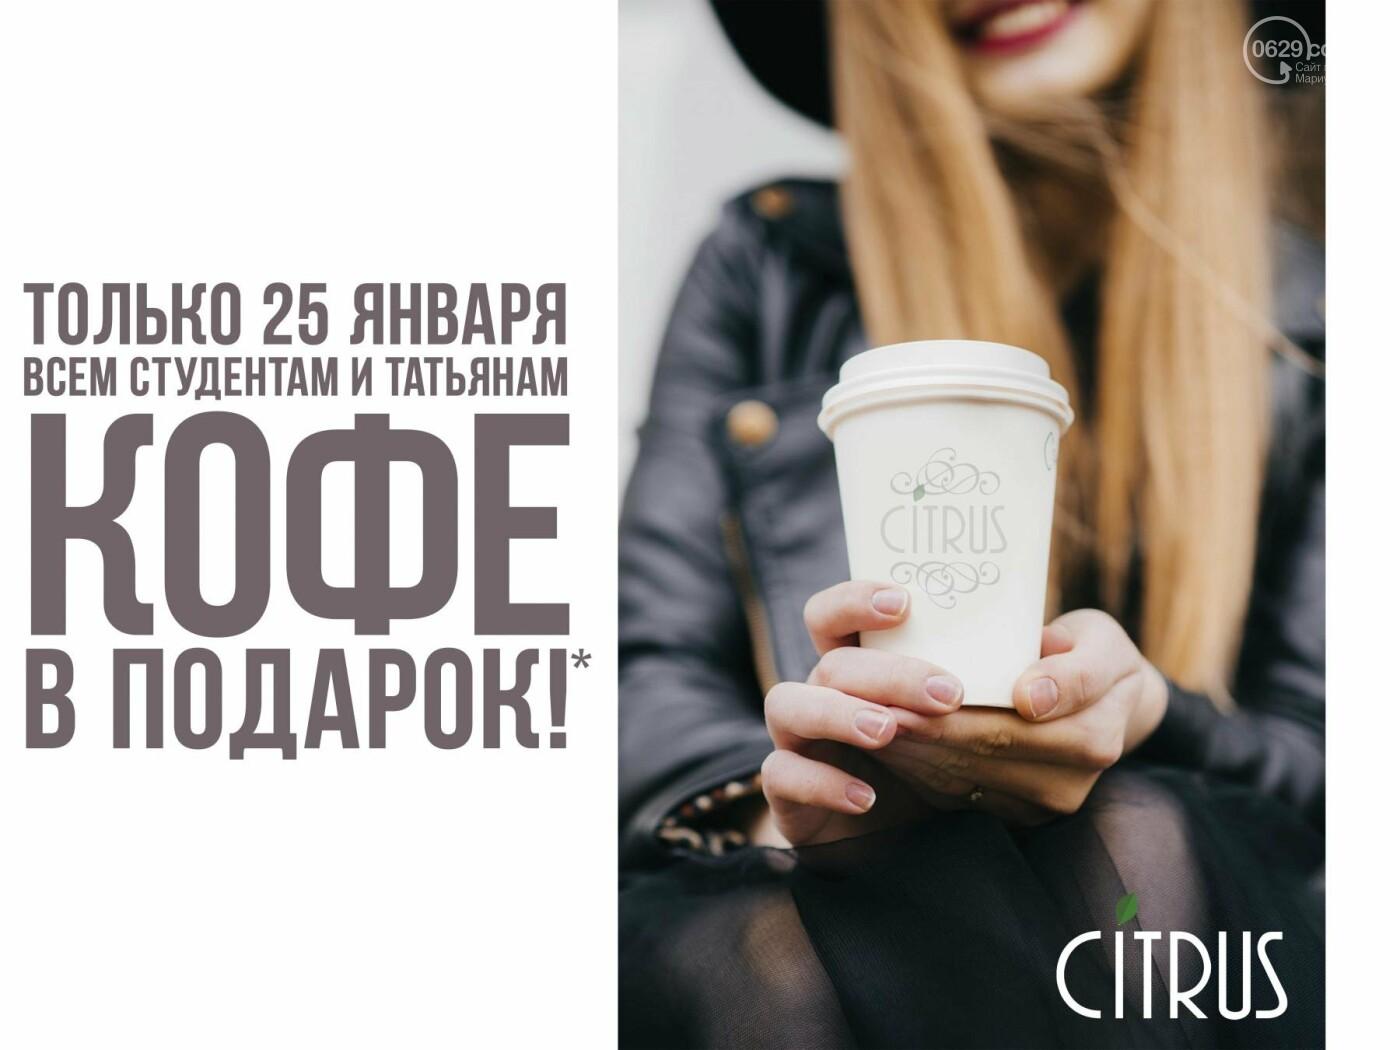 25 января в кафе Citrus всем студентам и Татьянам кофе в подарок!, фото-1